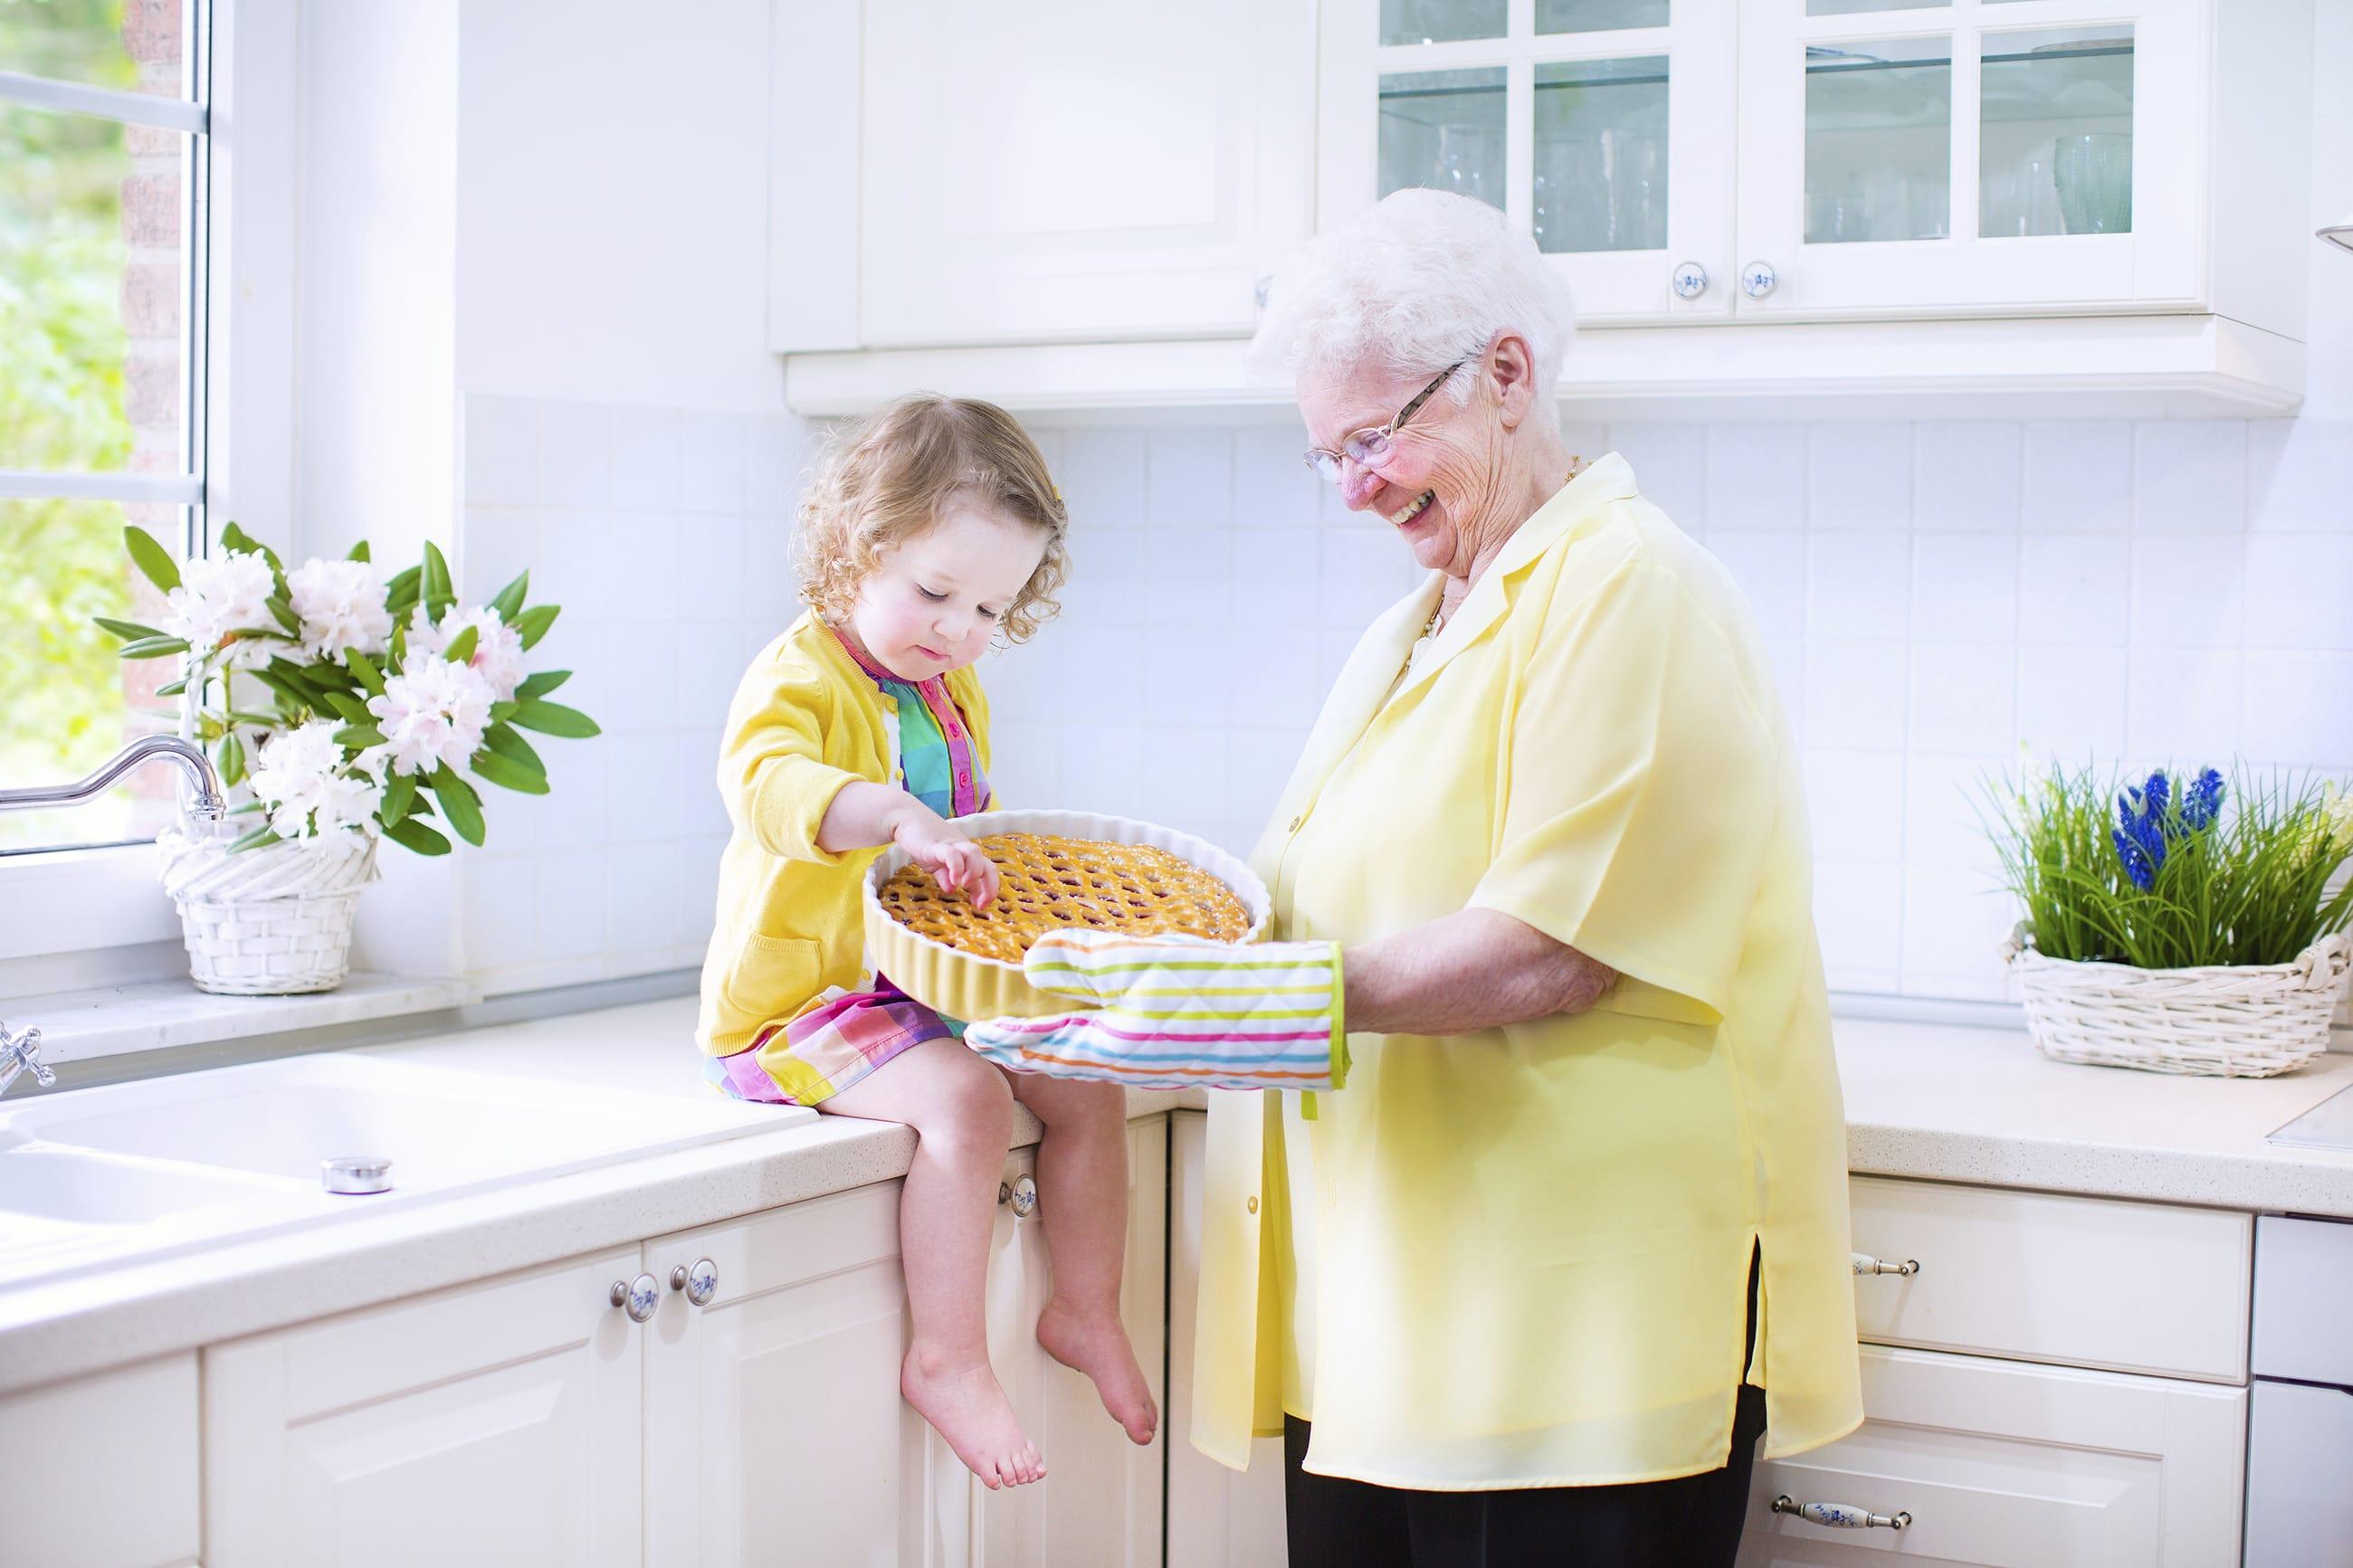 Regali fai da te per la festa dei nonni idee curiose e low cost foto non sprecare - Donazione di una casa a un nipote ...